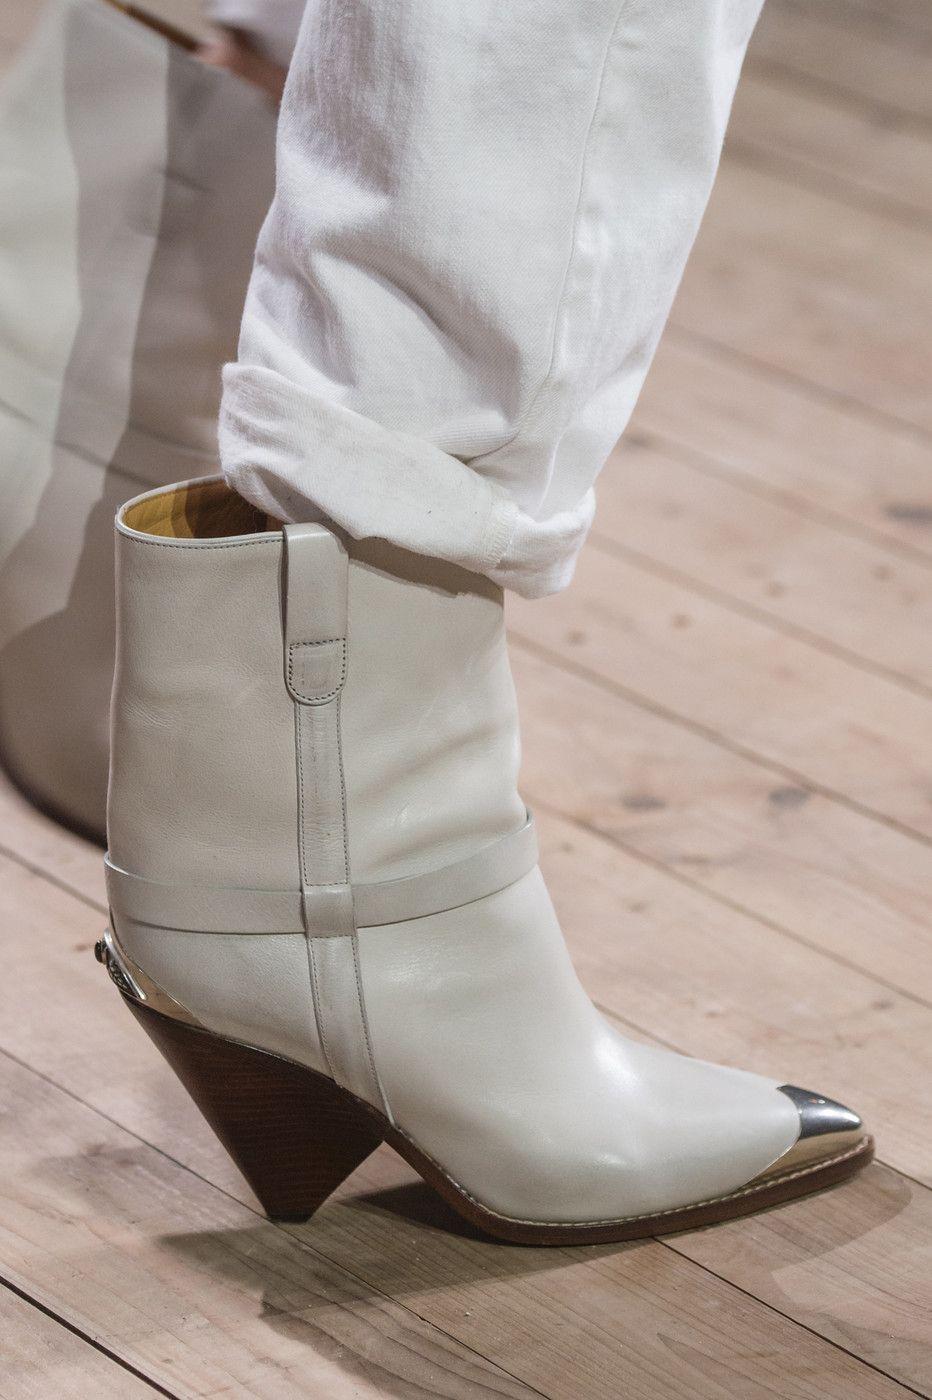 Isabel Marant At Paris Fashion Week Fall 2018 Fashion Boots Paris Fashion Week Isabel Marant Boots